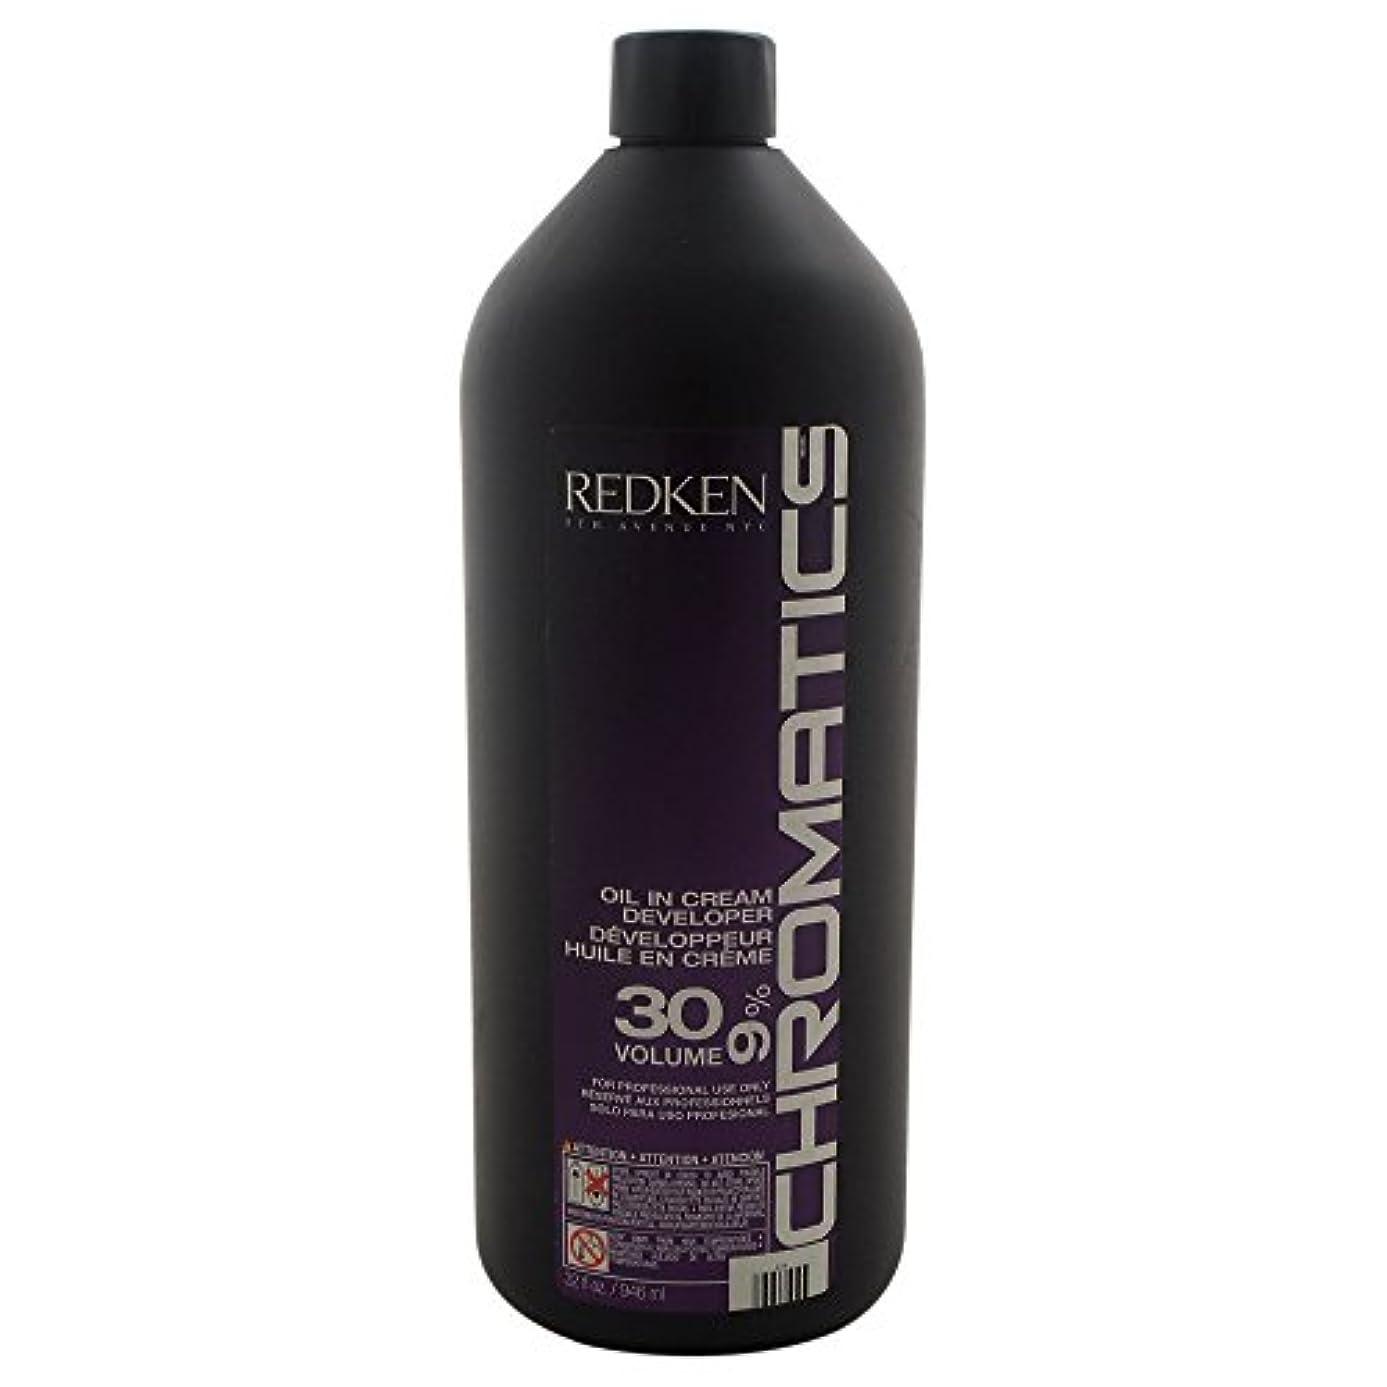 多数の社会主義ジャーナルRedken Chromatics Oil In Cream Developer 30 Volume 9 Percent Cream, 32 Ounce by Redken